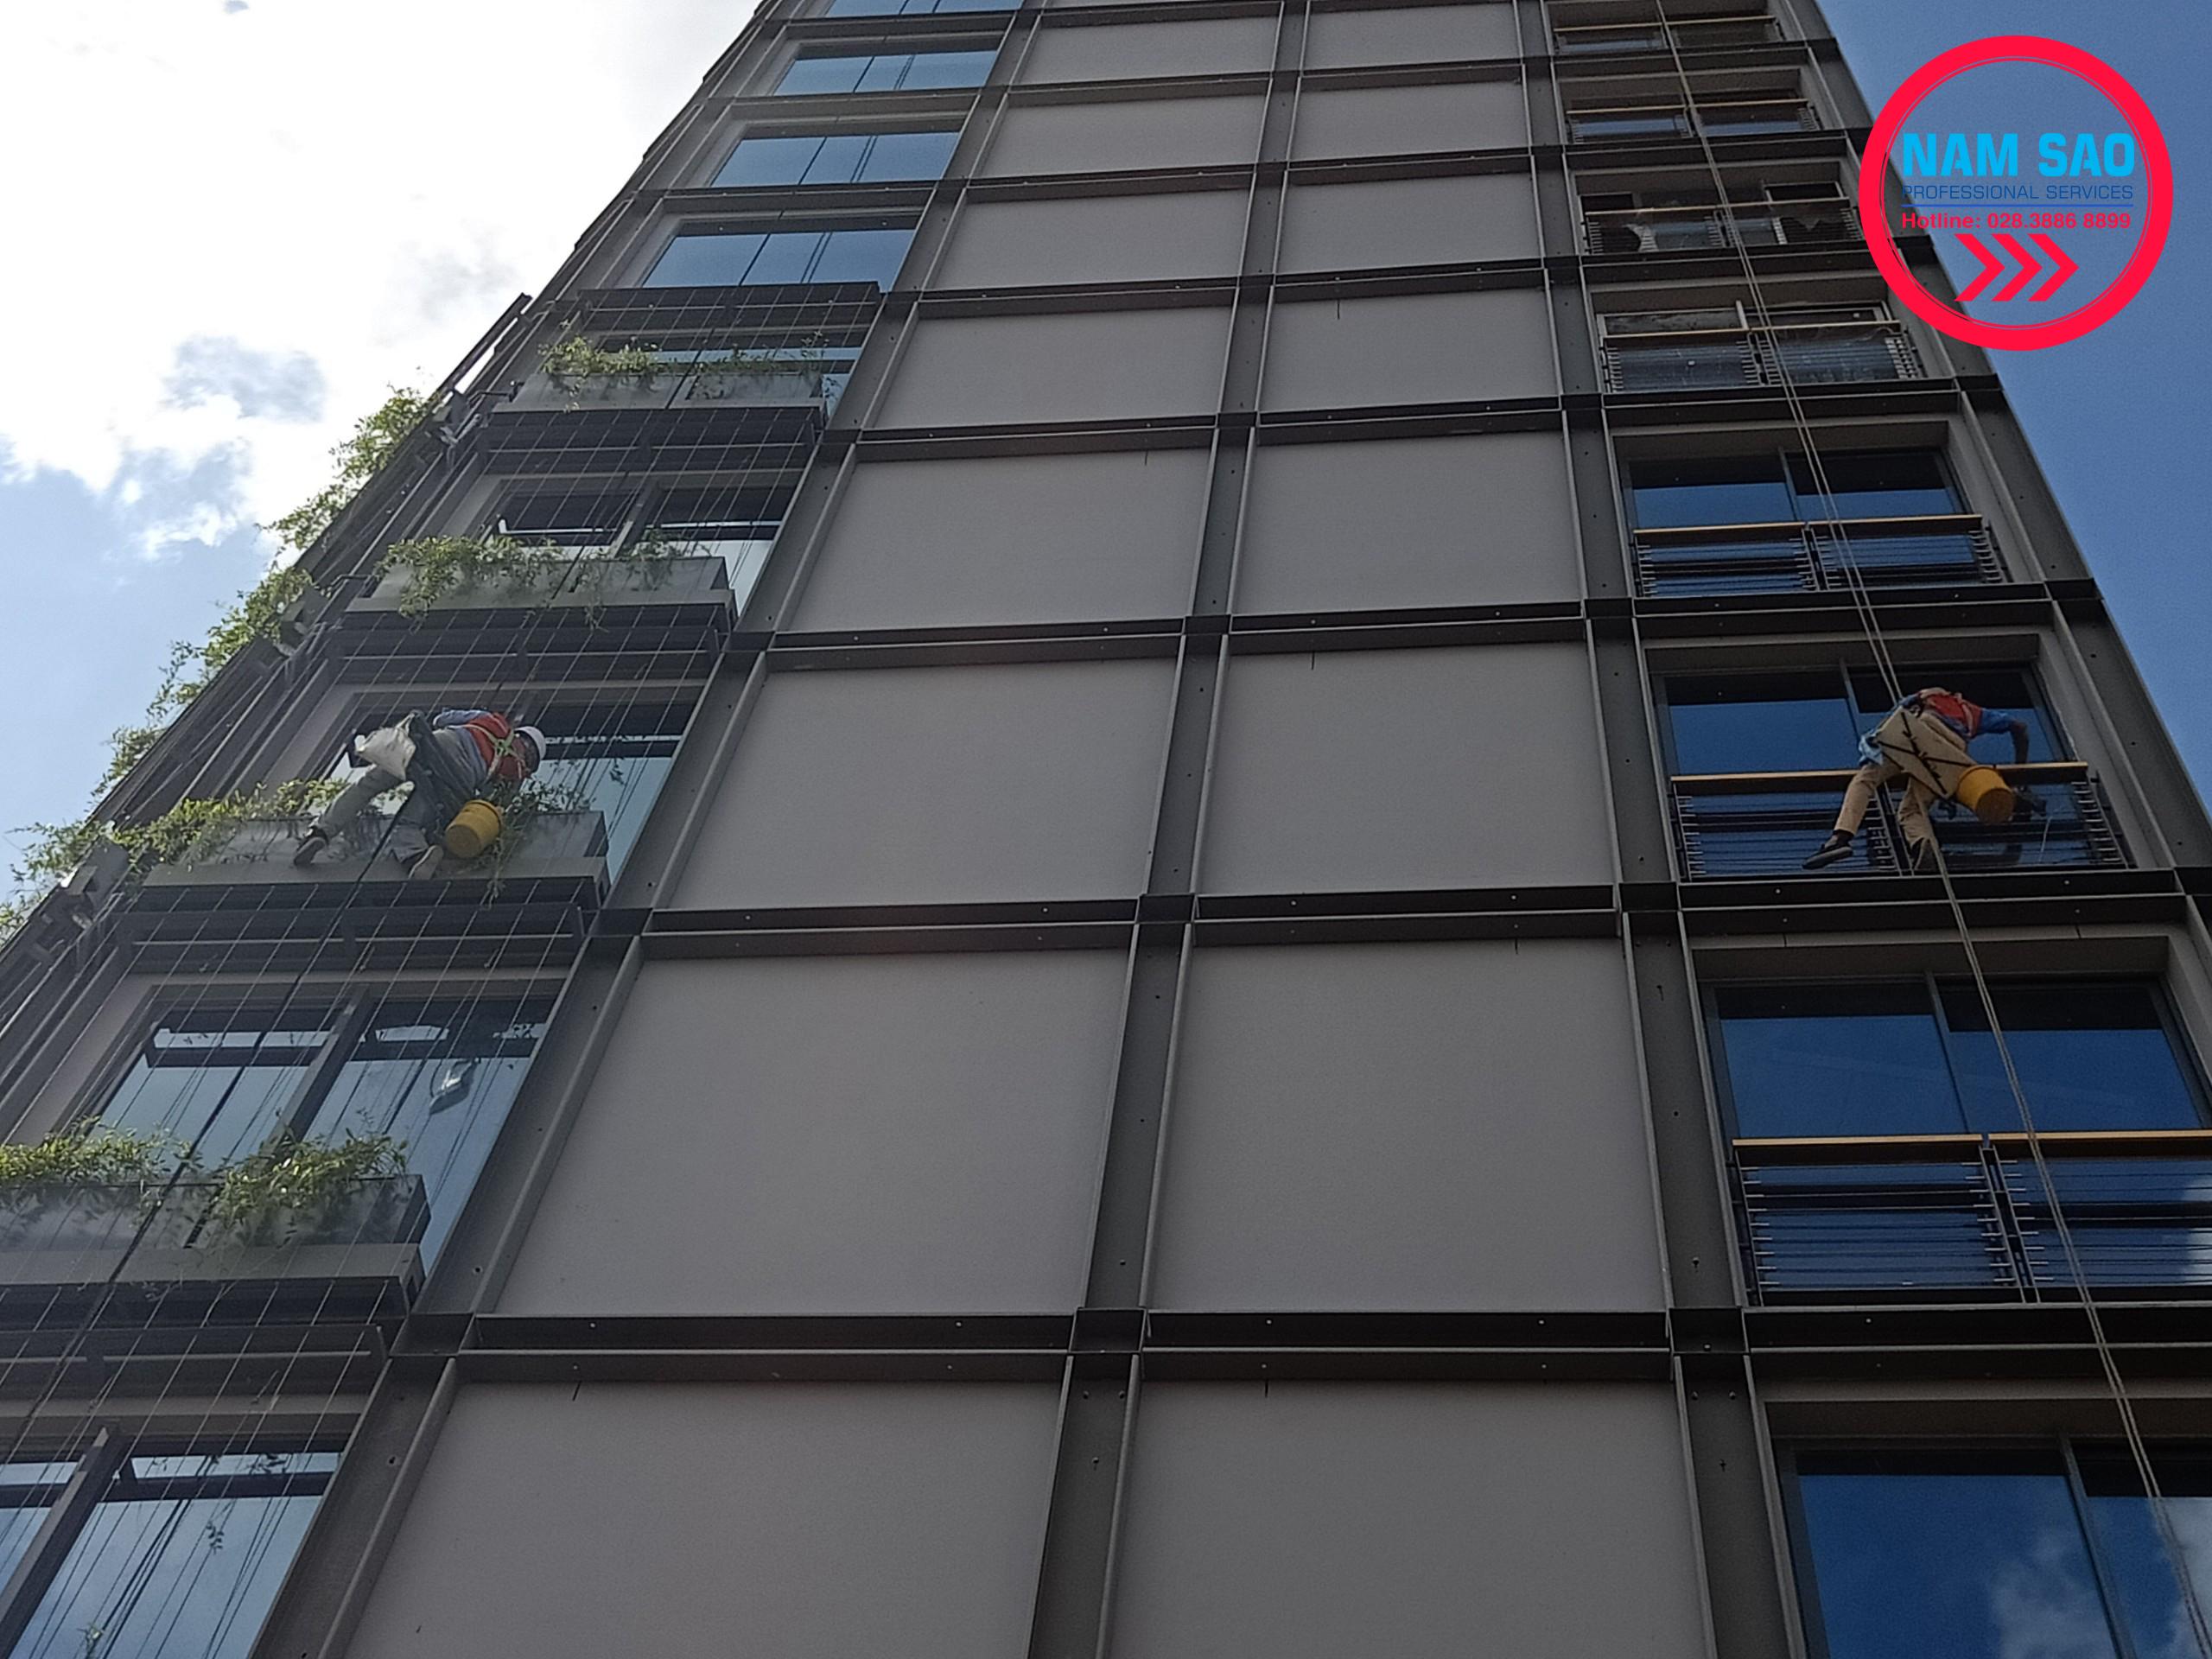 Dịch vụ lau kính vệ sinh nhà cao tầng giá rẻ uy tín tại HCM